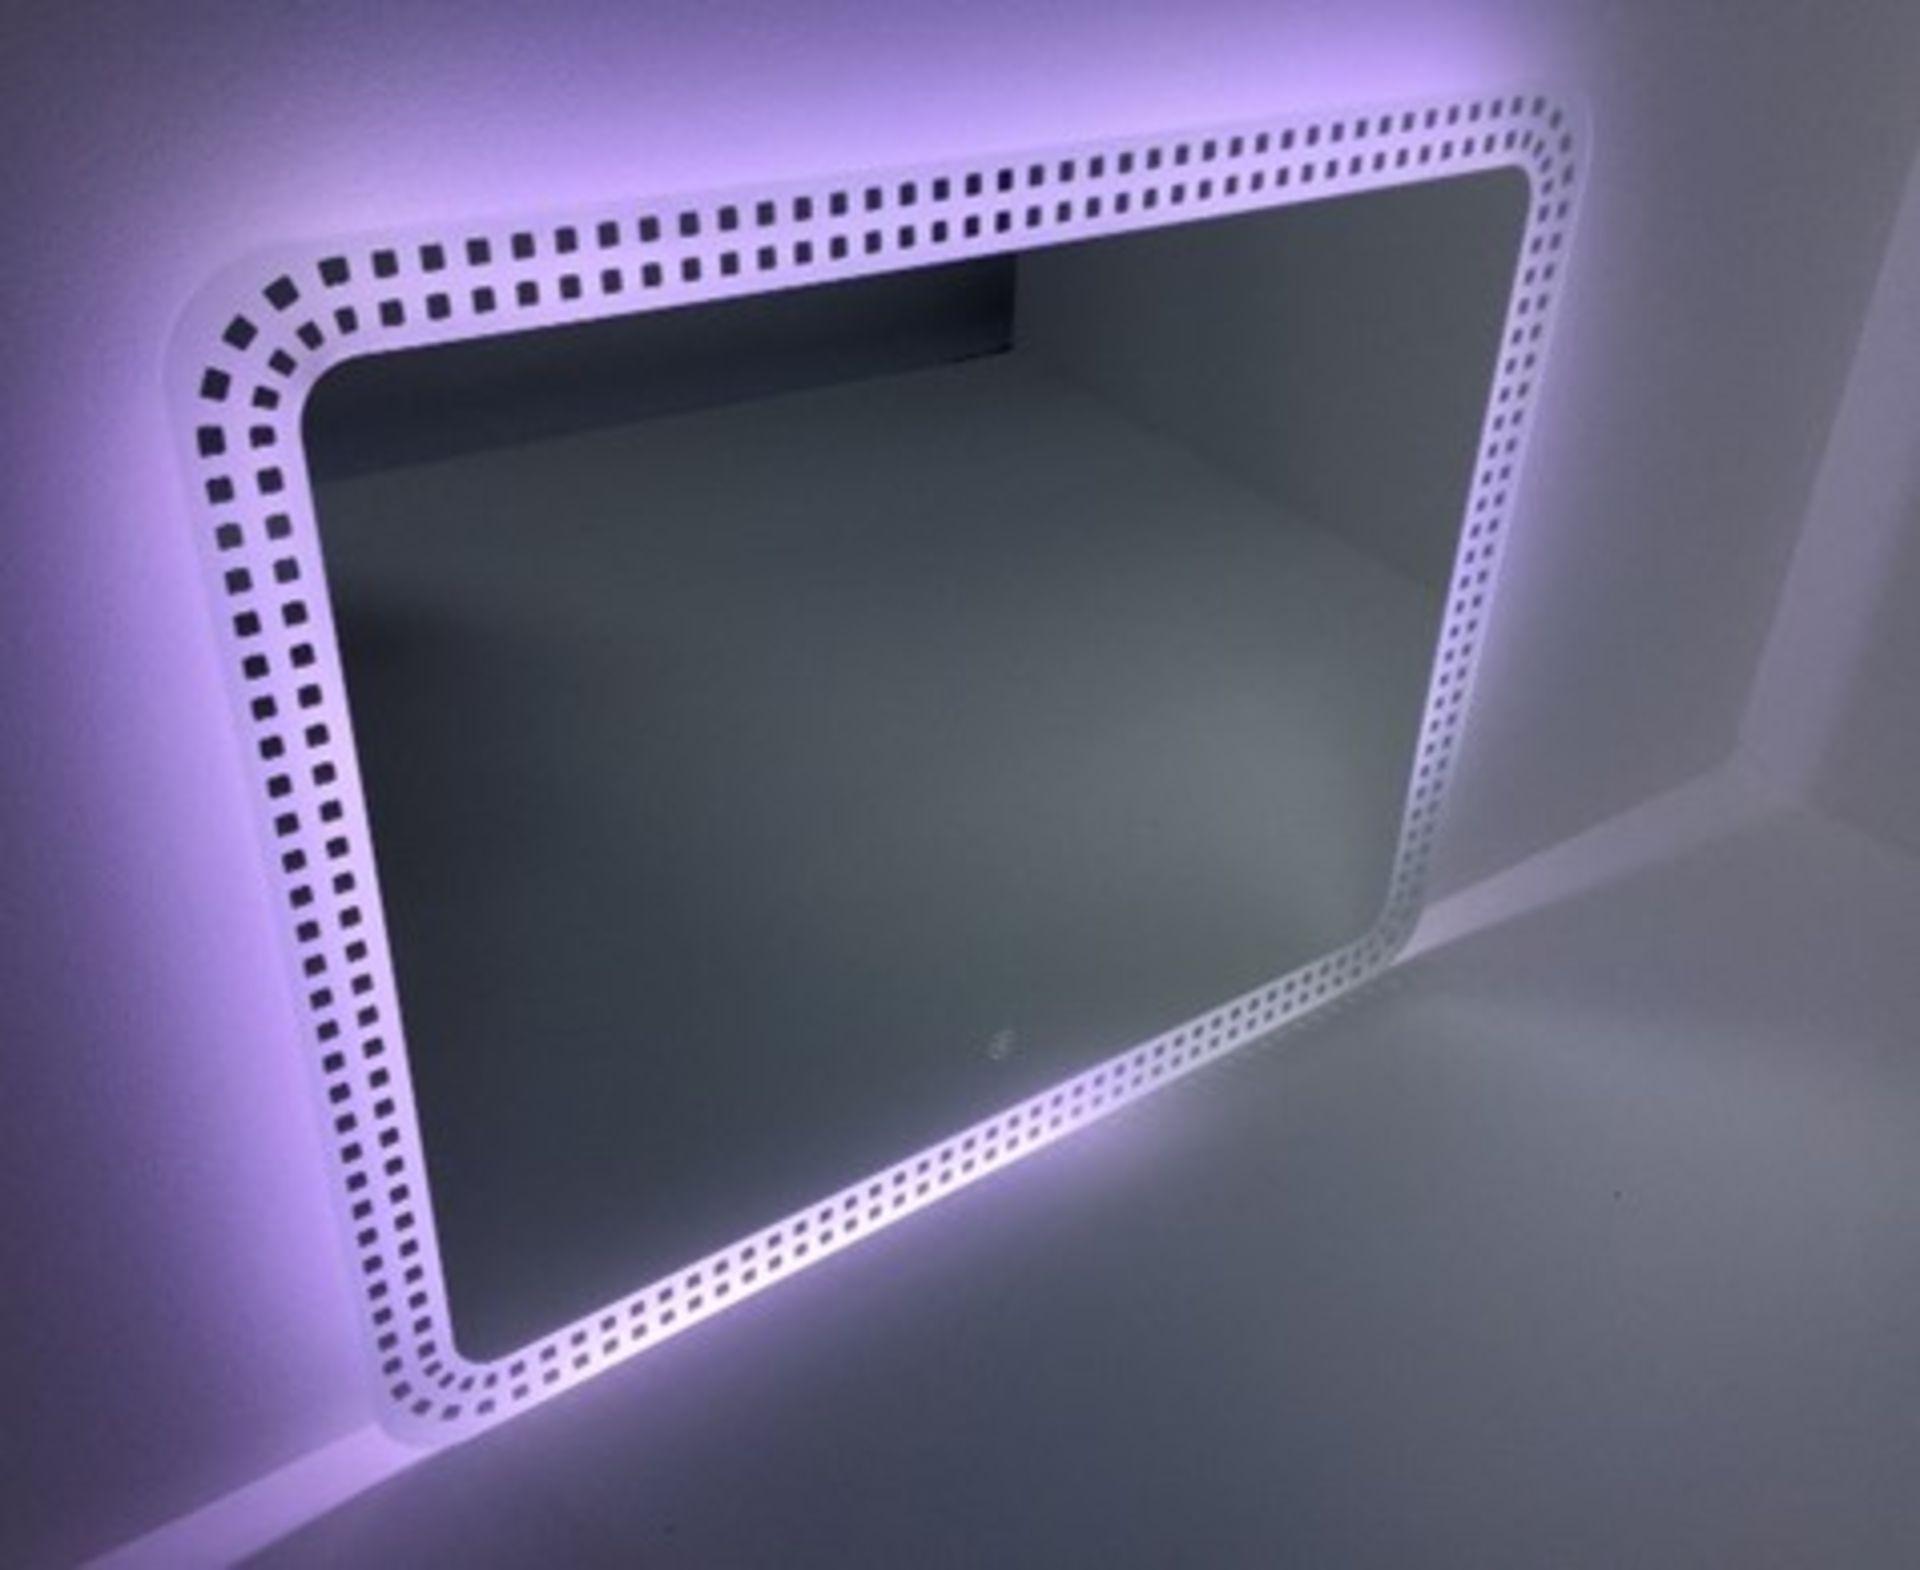 Lot 53 - Bathroom Illuminated LED Mirror